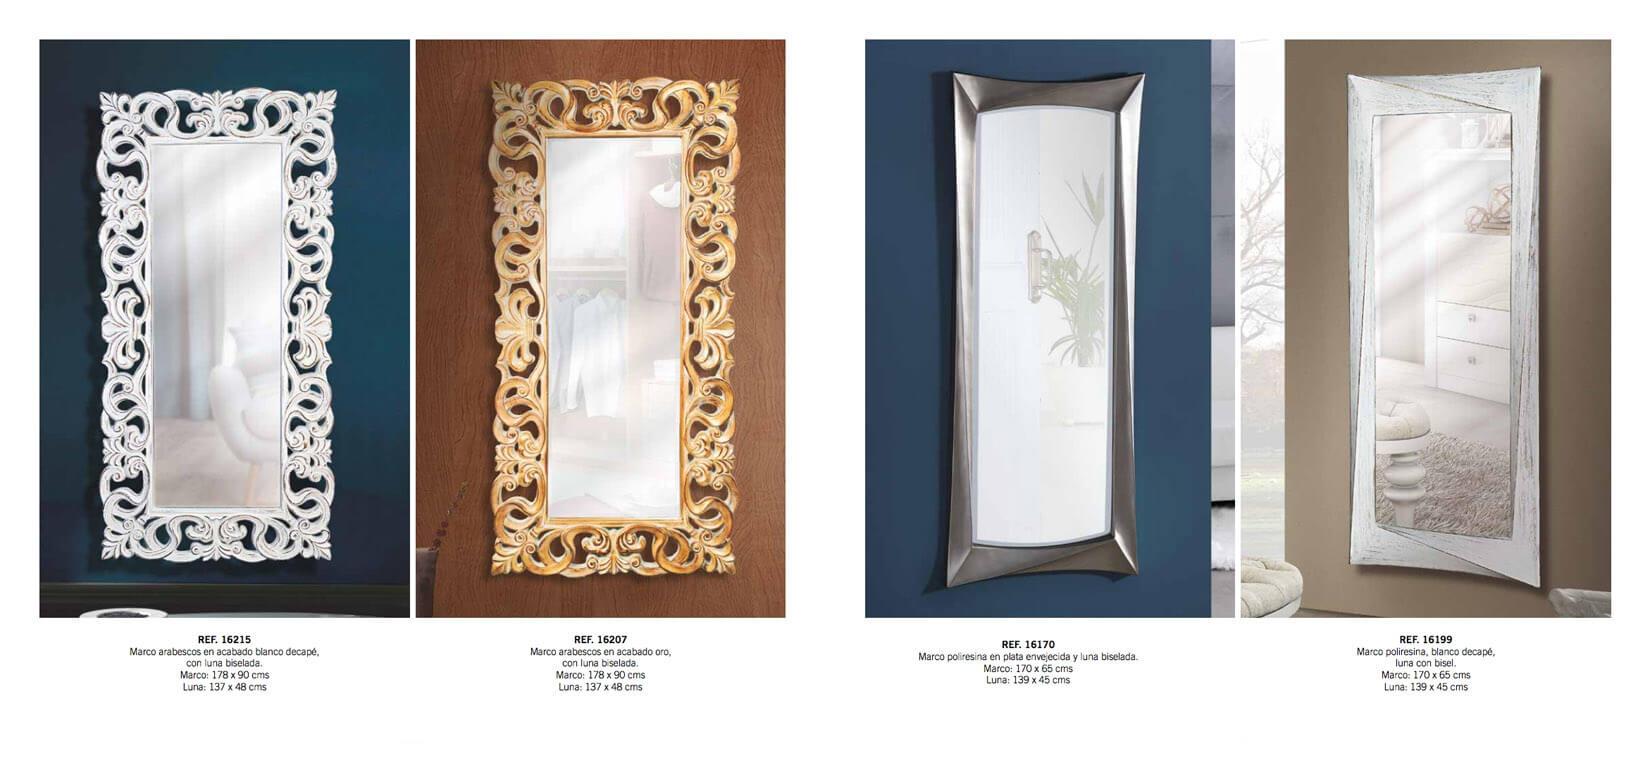 Interiorismo Espejos GYC - Ref. 0010